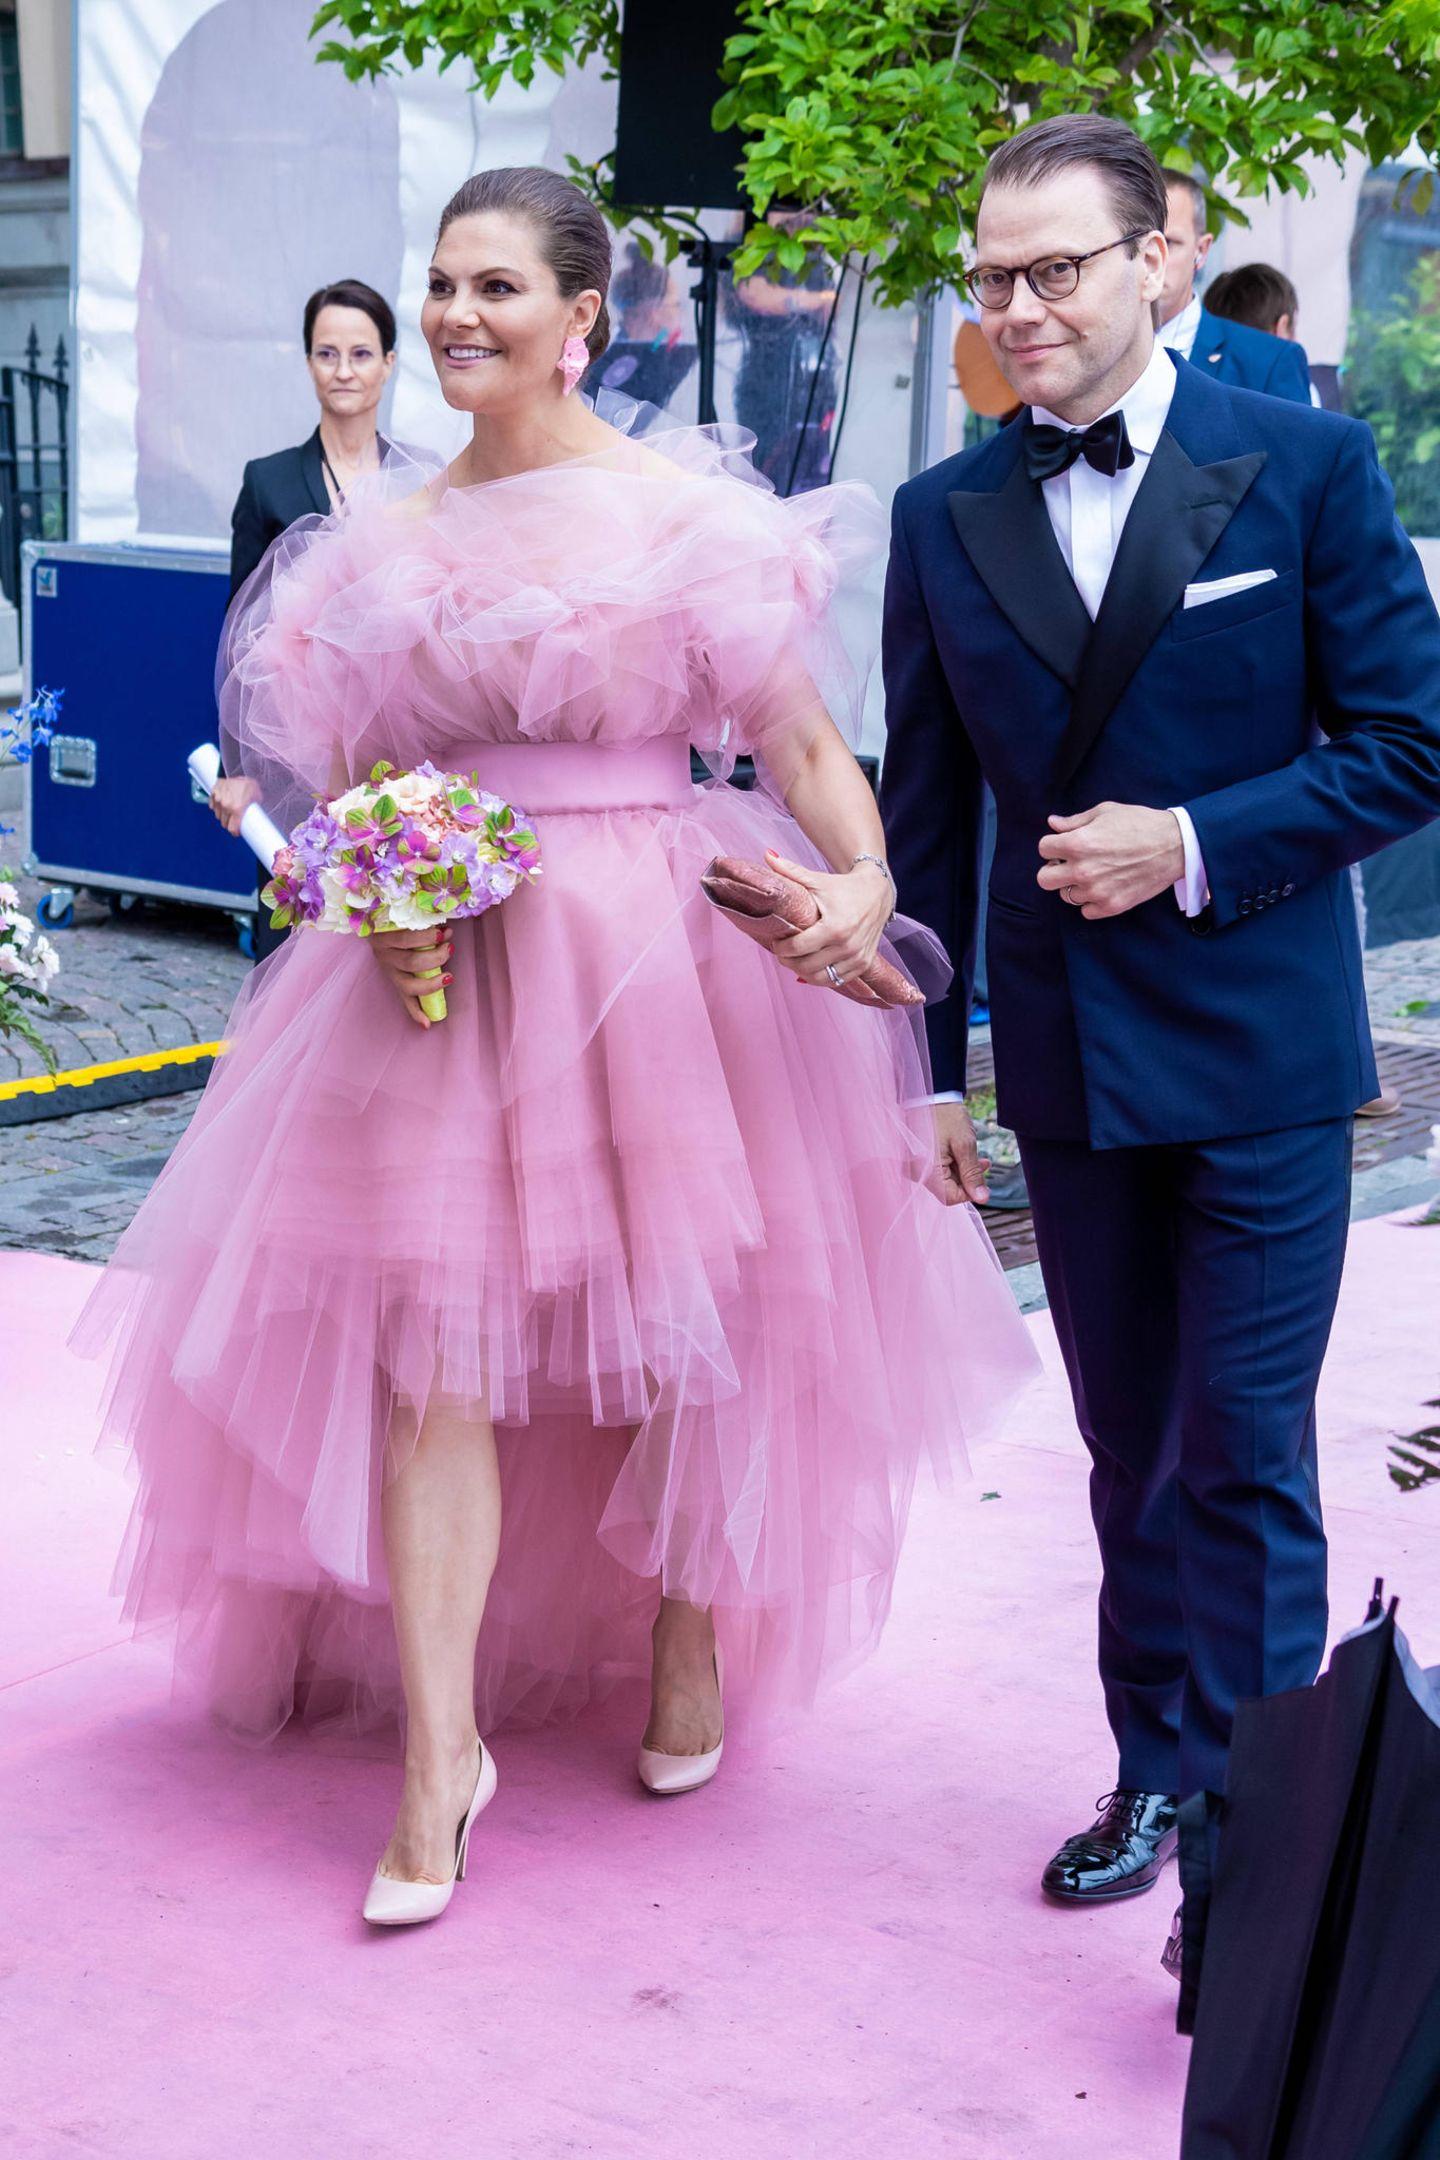 """Prinzessin Victoria und Prinz Daniel kommen zur Verleihung des """"Polar Music Prize"""" ins Stockholmer Grand Hôtel."""